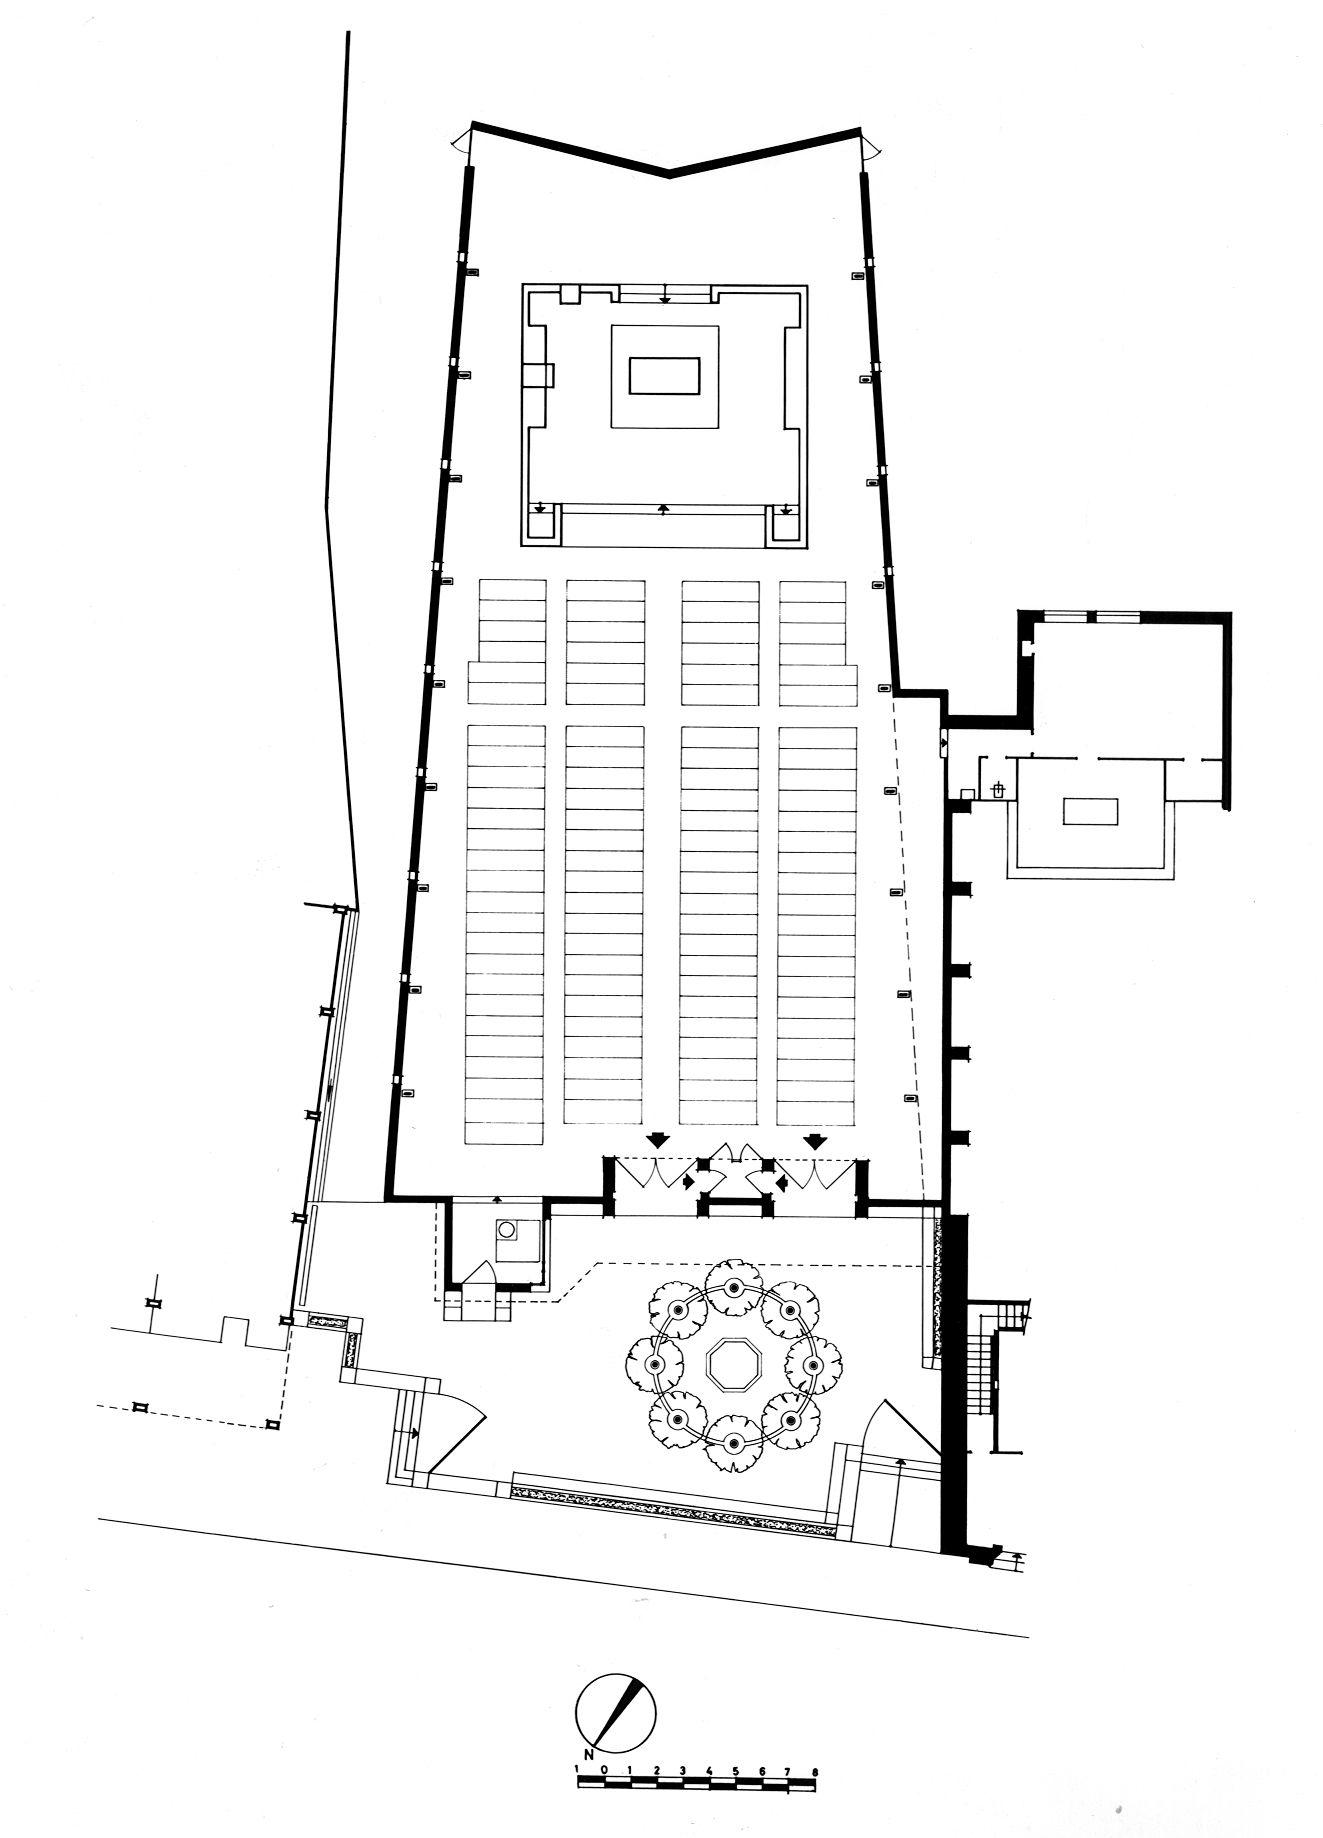 pin de samuel llovet montardit en t arquitectura